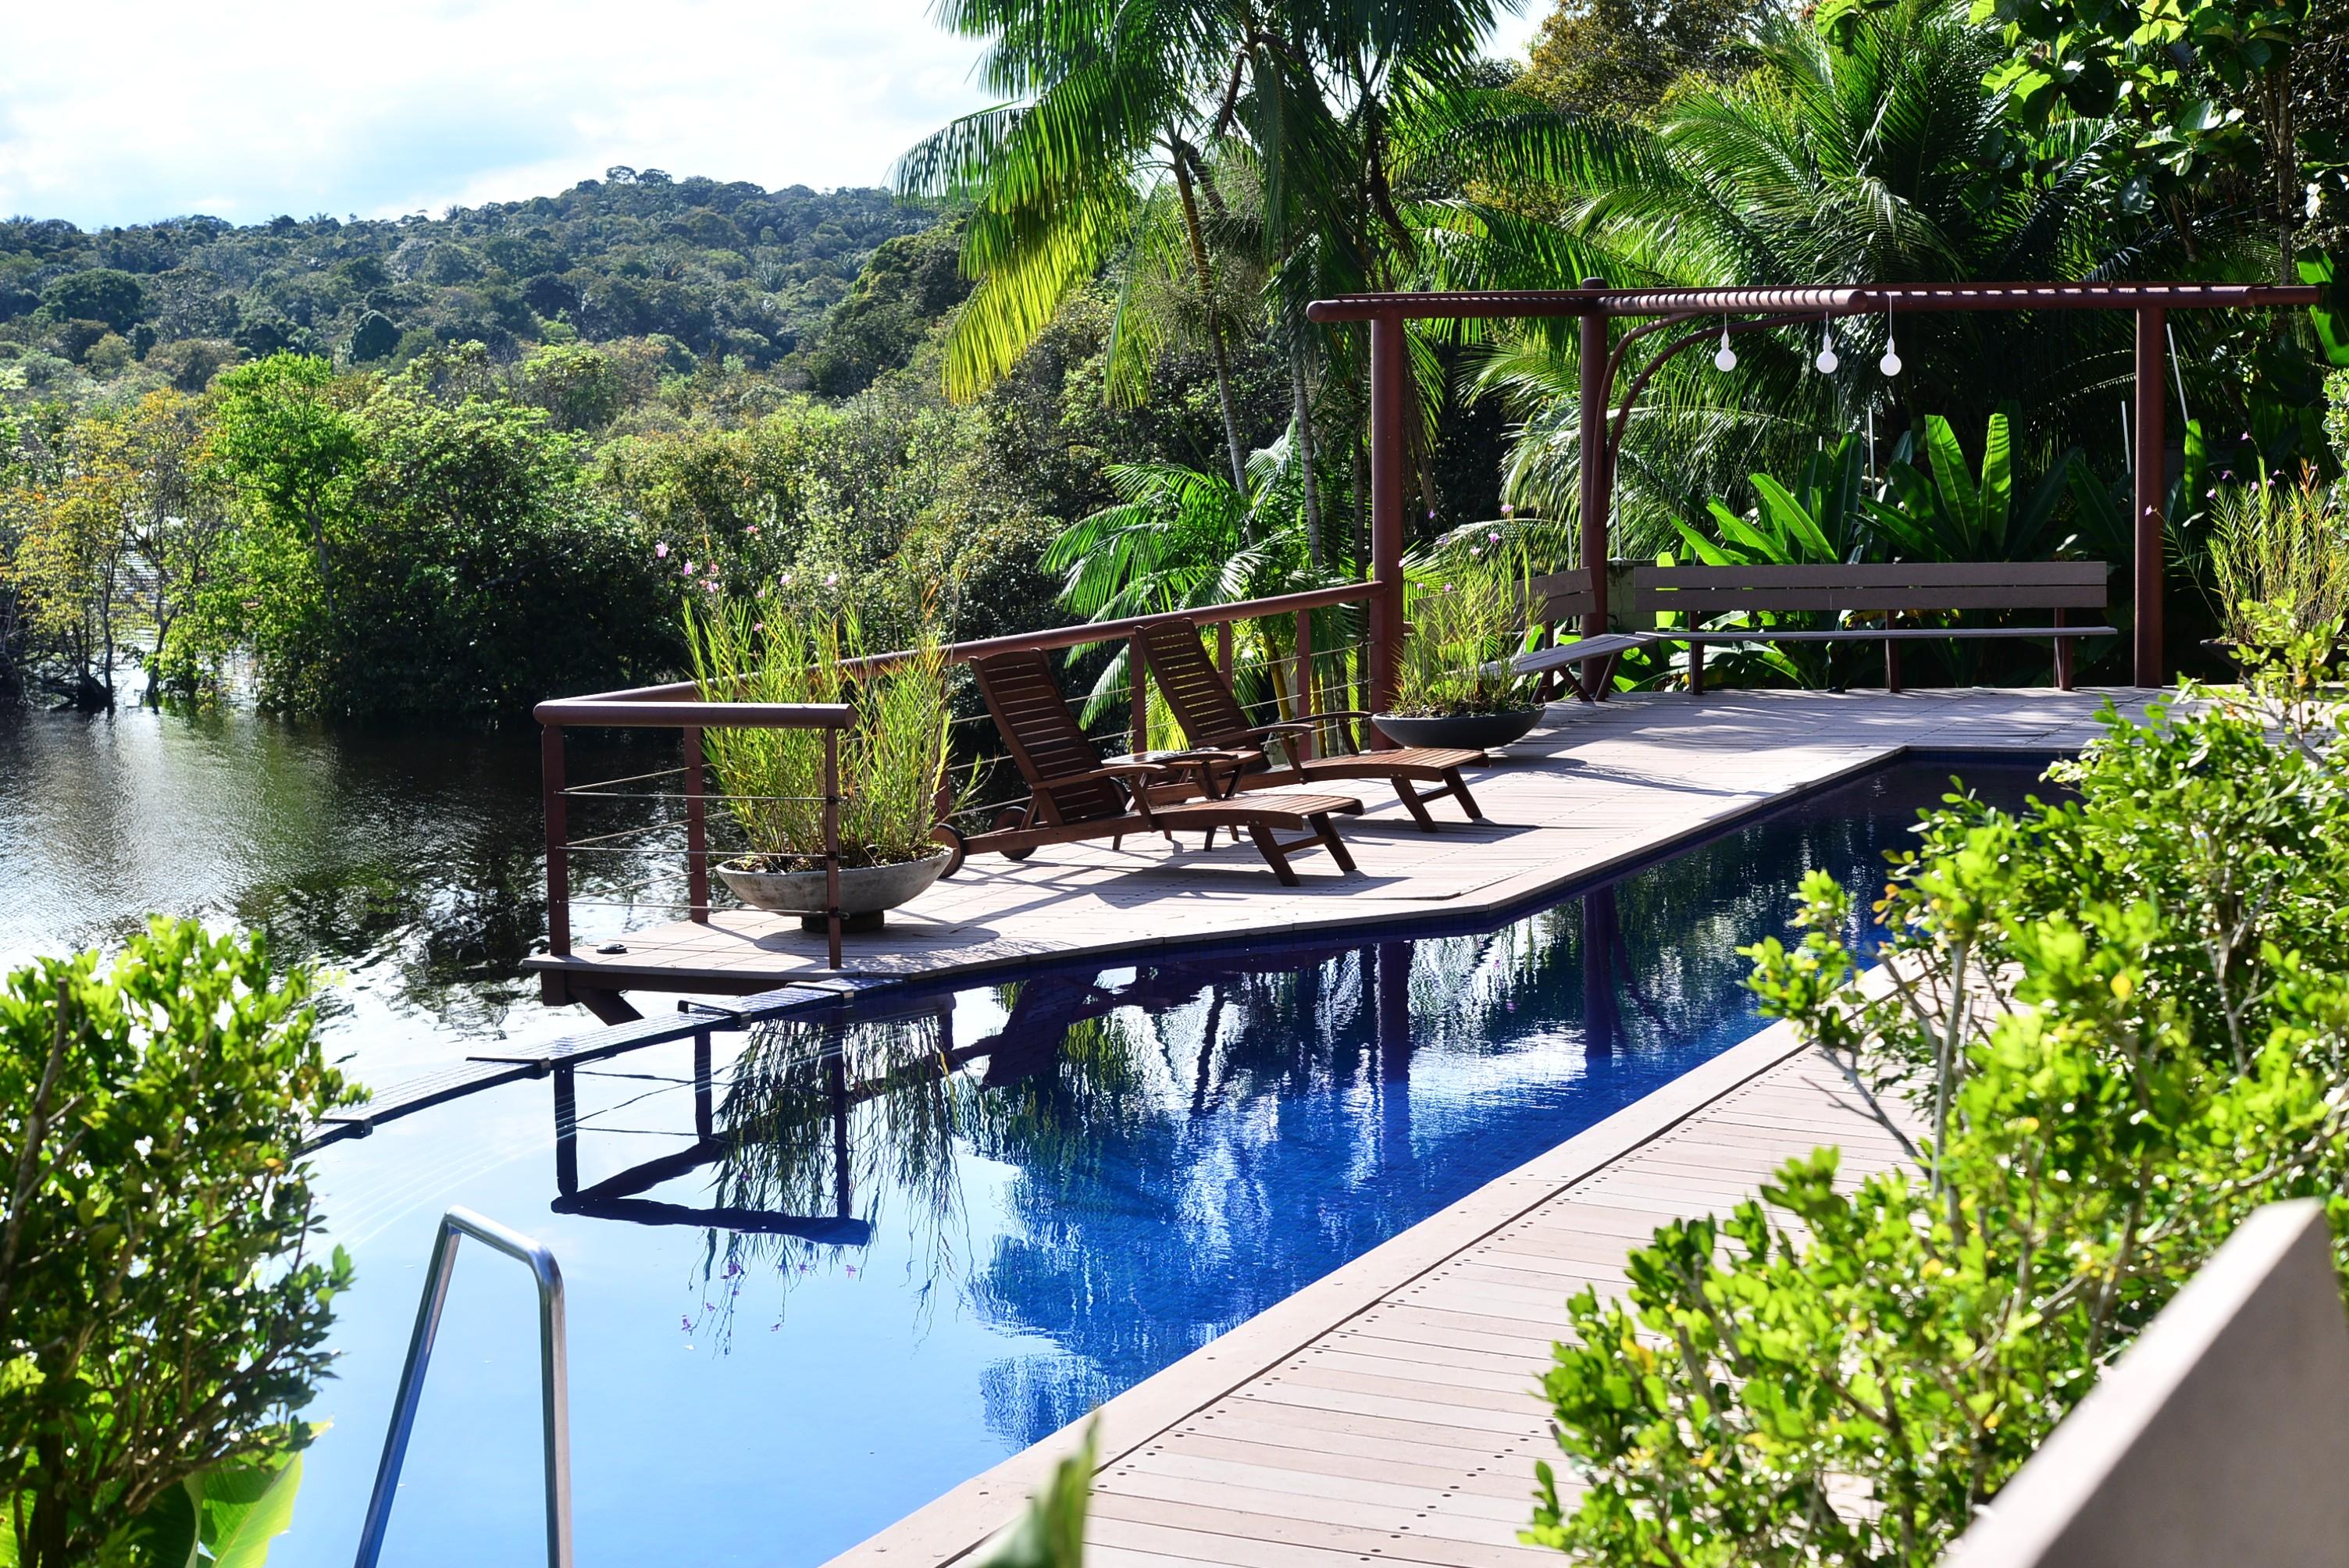 Vista da piscina, junto à natureza (Foto: Reprodução)